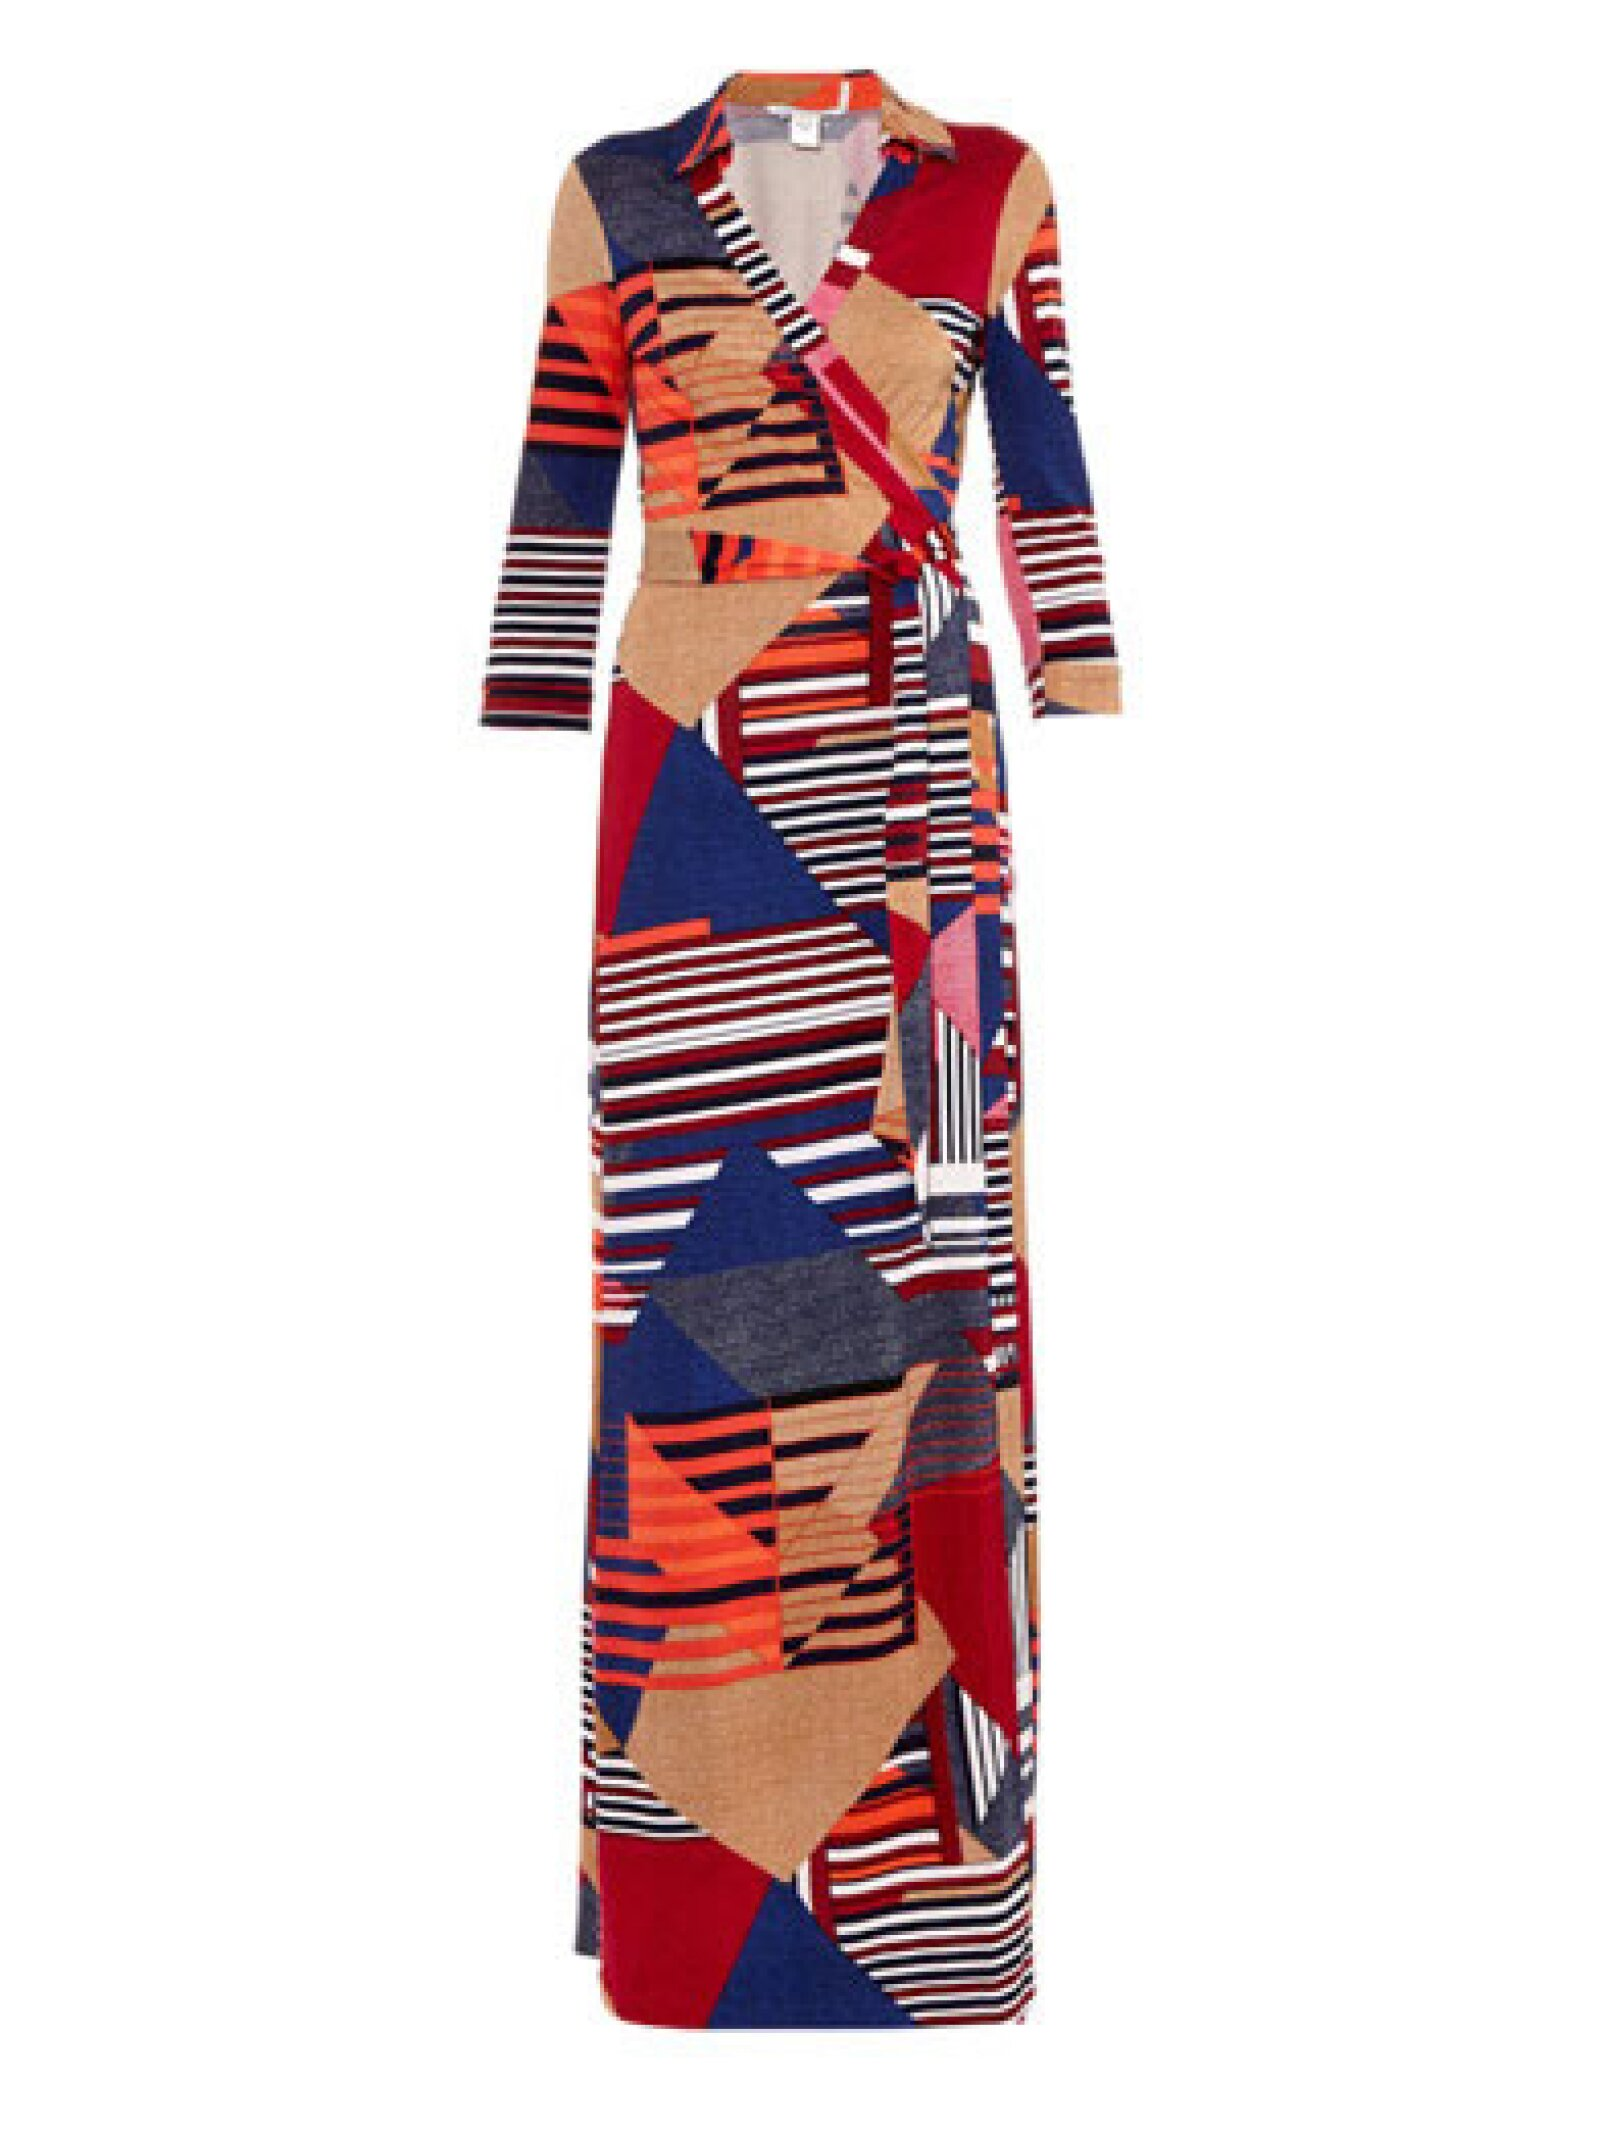 La diseñadora introdujo el vestido en 1974.